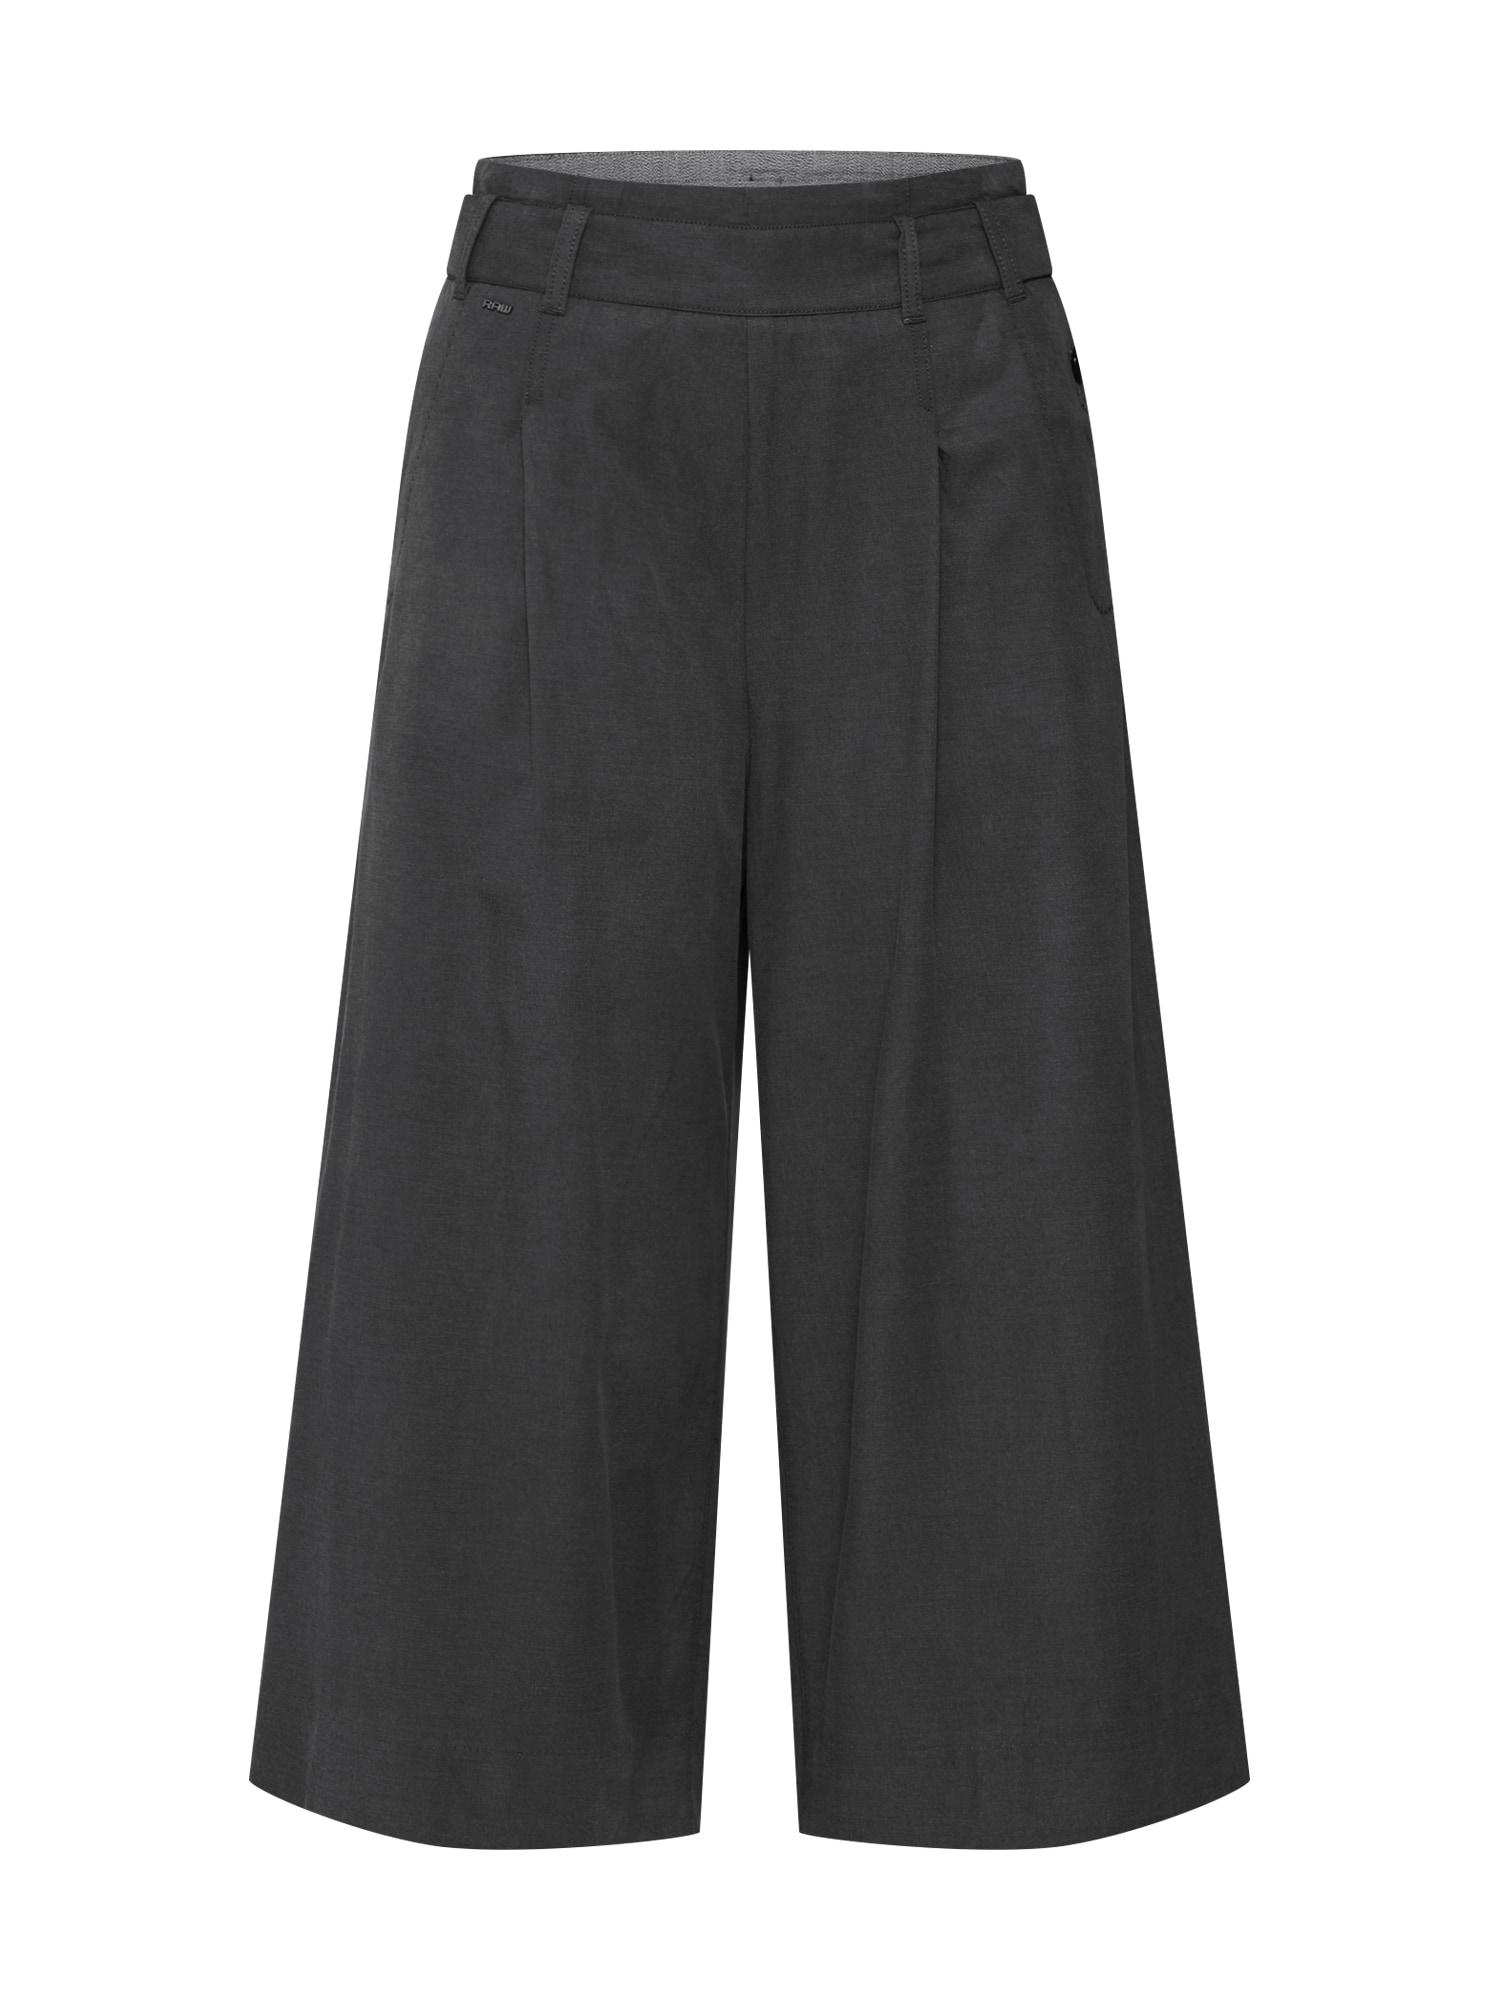 G-Star RAW Klostuotos kelnės 'Ramin' pilka